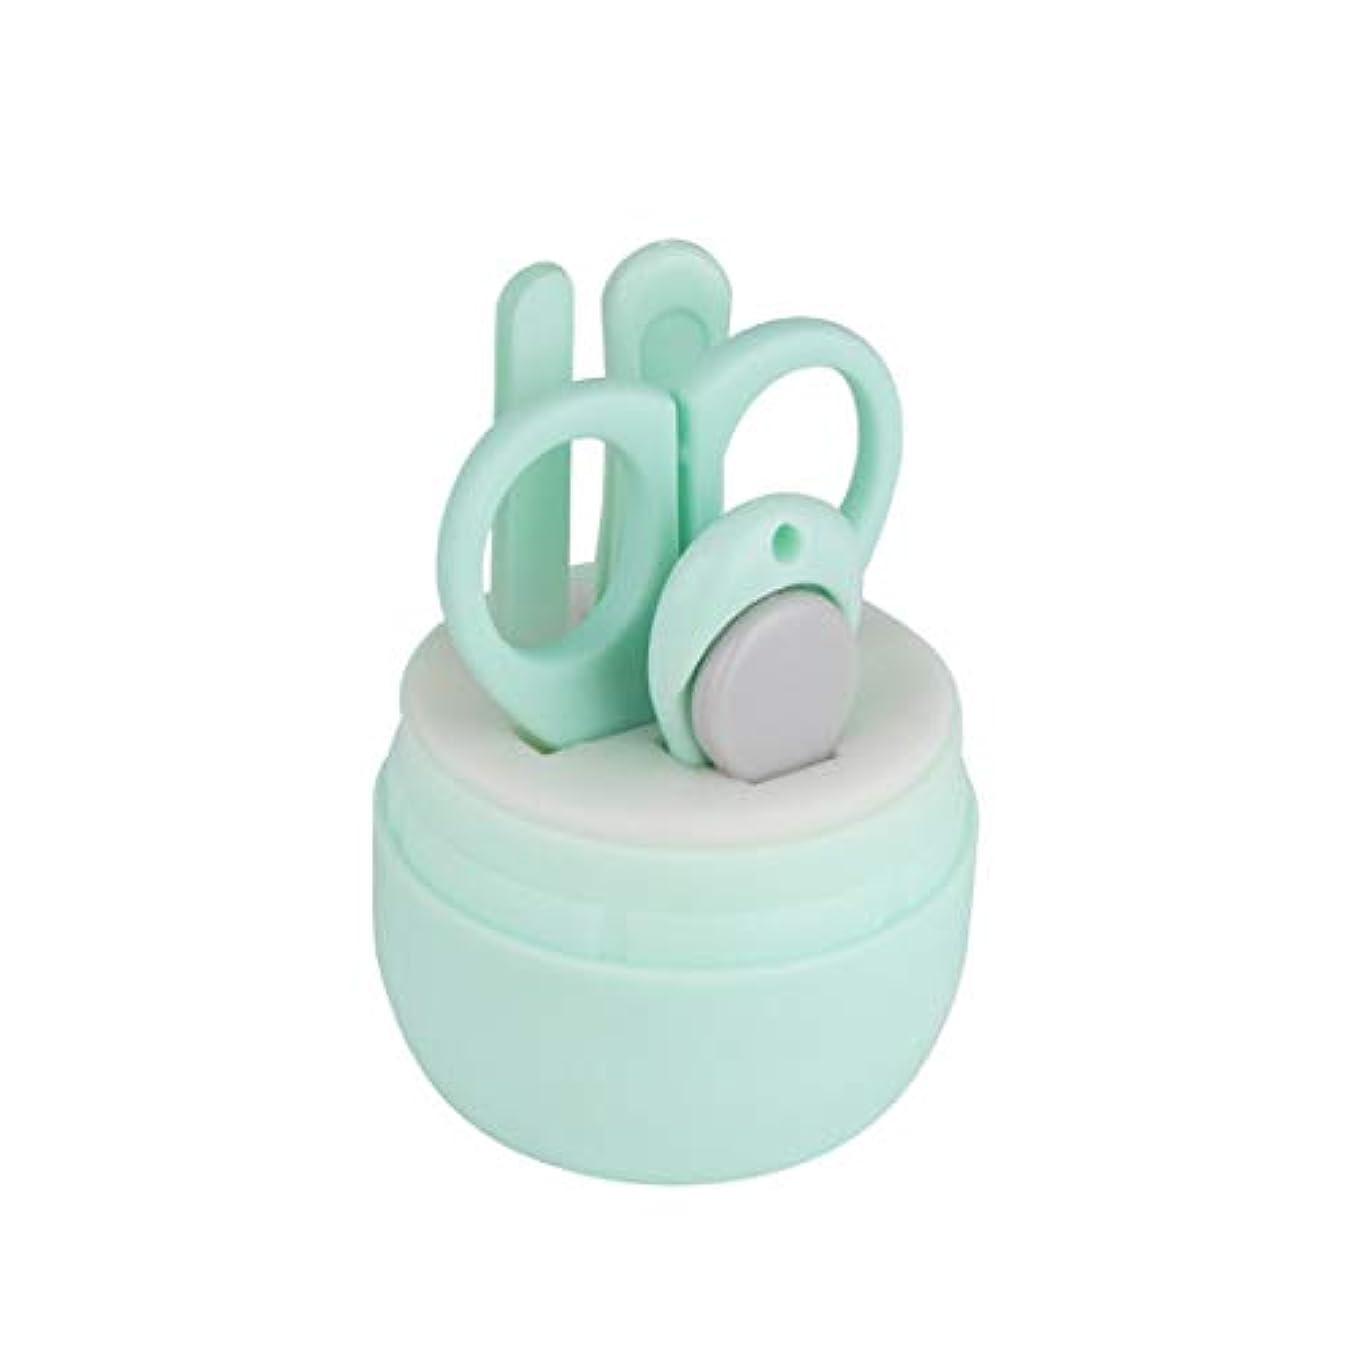 素晴らしき通知するオデュッセウスJOYS CLOTHING 漫画くまの爪切りステンレス鋼の赤ん坊の釘用具セット赤ん坊の美用具セット4赤ん坊のマニキュア用具、各パックのための1 (Color : Green)